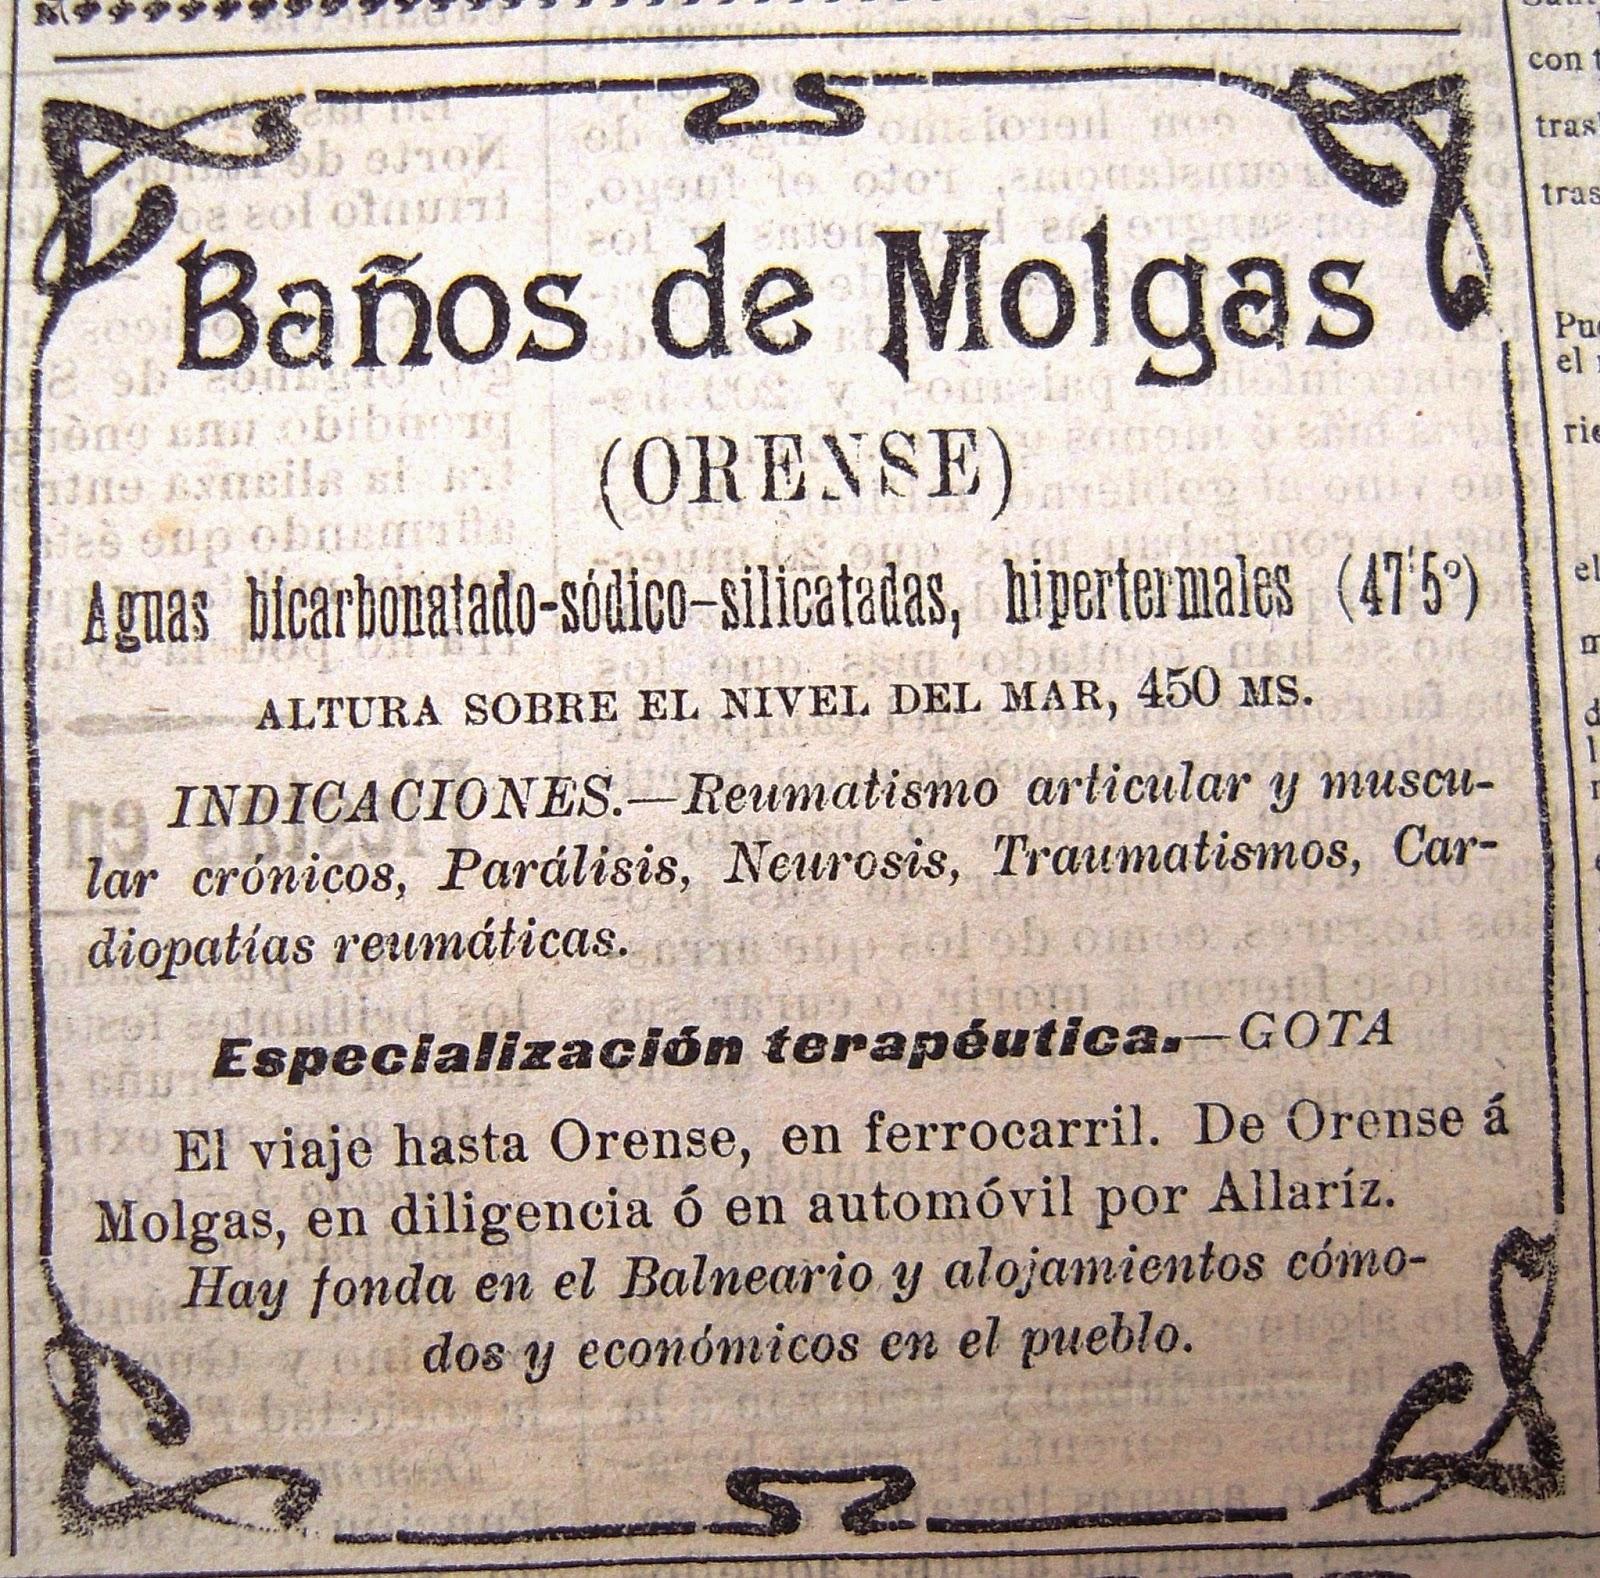 Diario de un m dico de guardia en los balnearios curaban la locura la regi n 25 de enero de - Banos de molgas ...